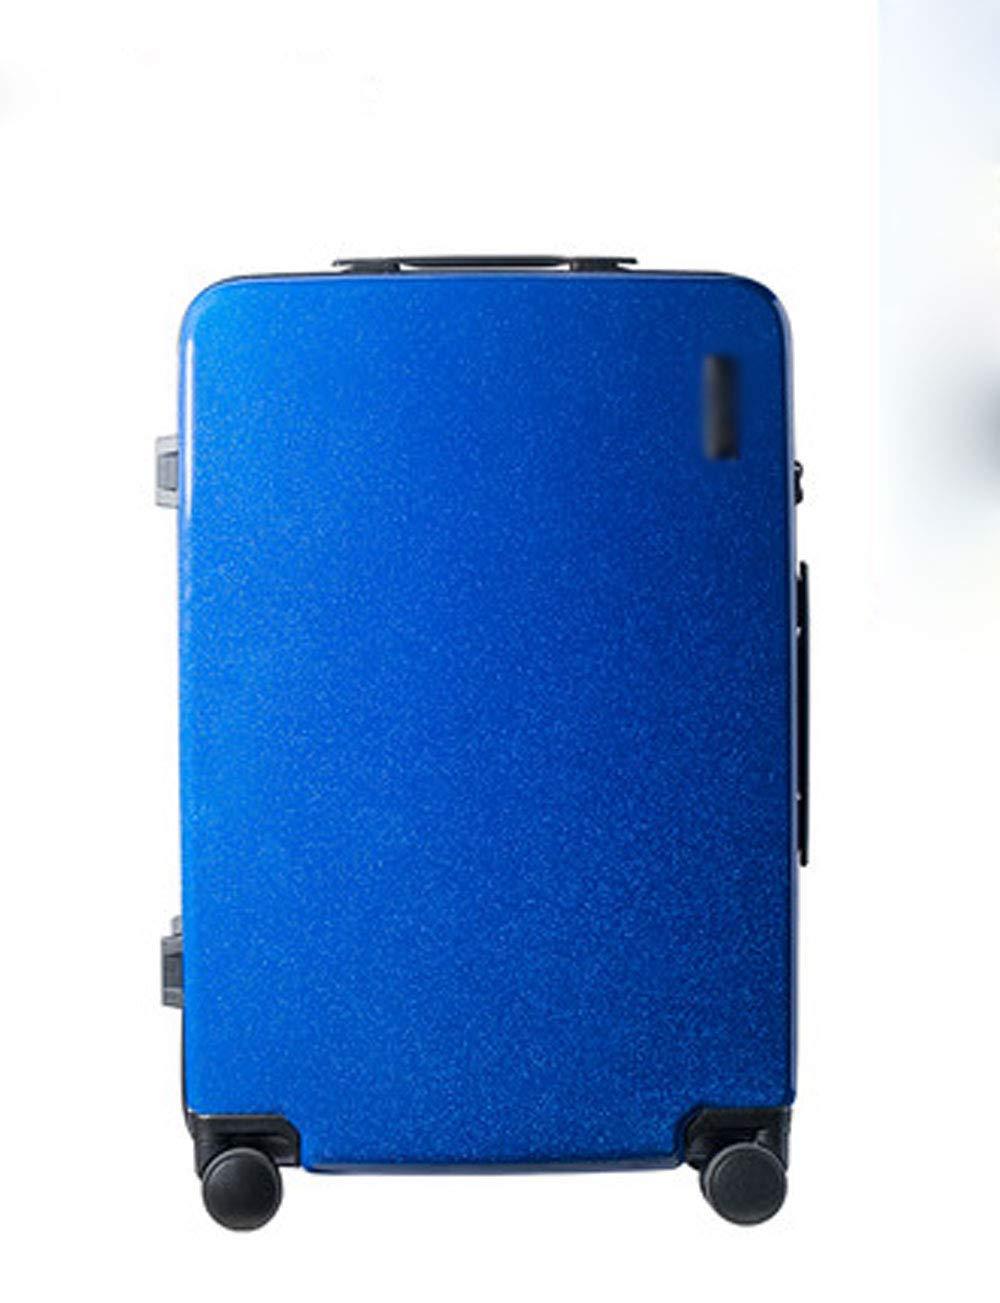 4輪の荷物、サイレントローラー、TSA通関ロック、シャーシへのプルロッド20インチの超軽量PC (色 : 青)   B07GJCSFCP